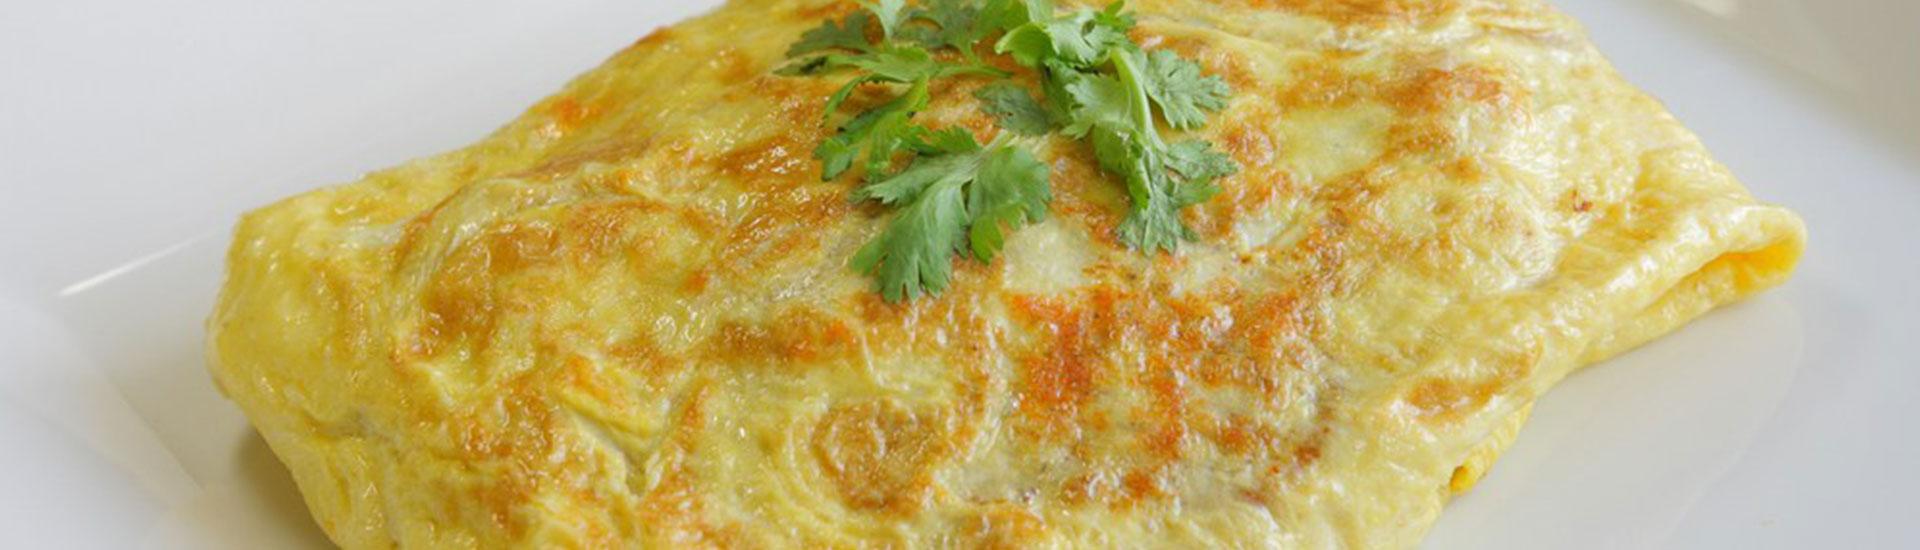 Plain Omelette & Chips